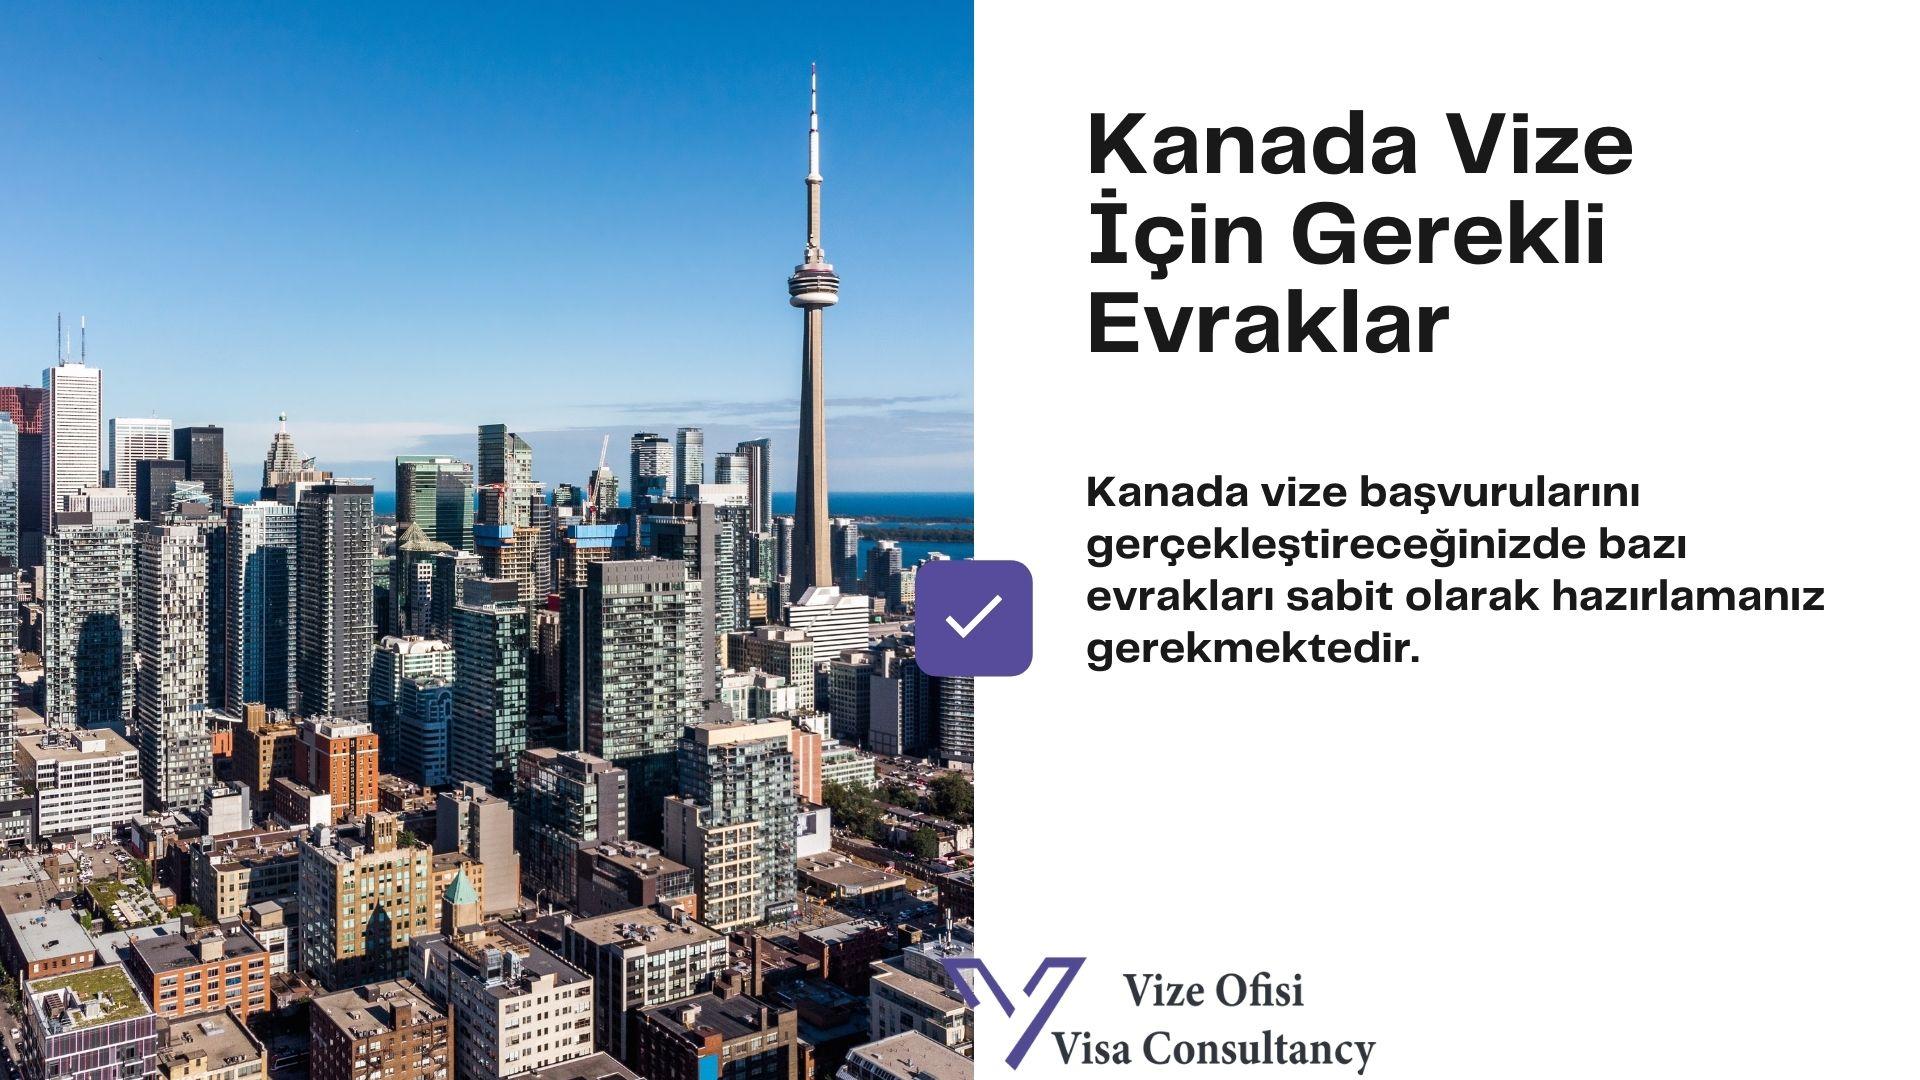 Kanada Vize Evrakları 2021 Tam Liste